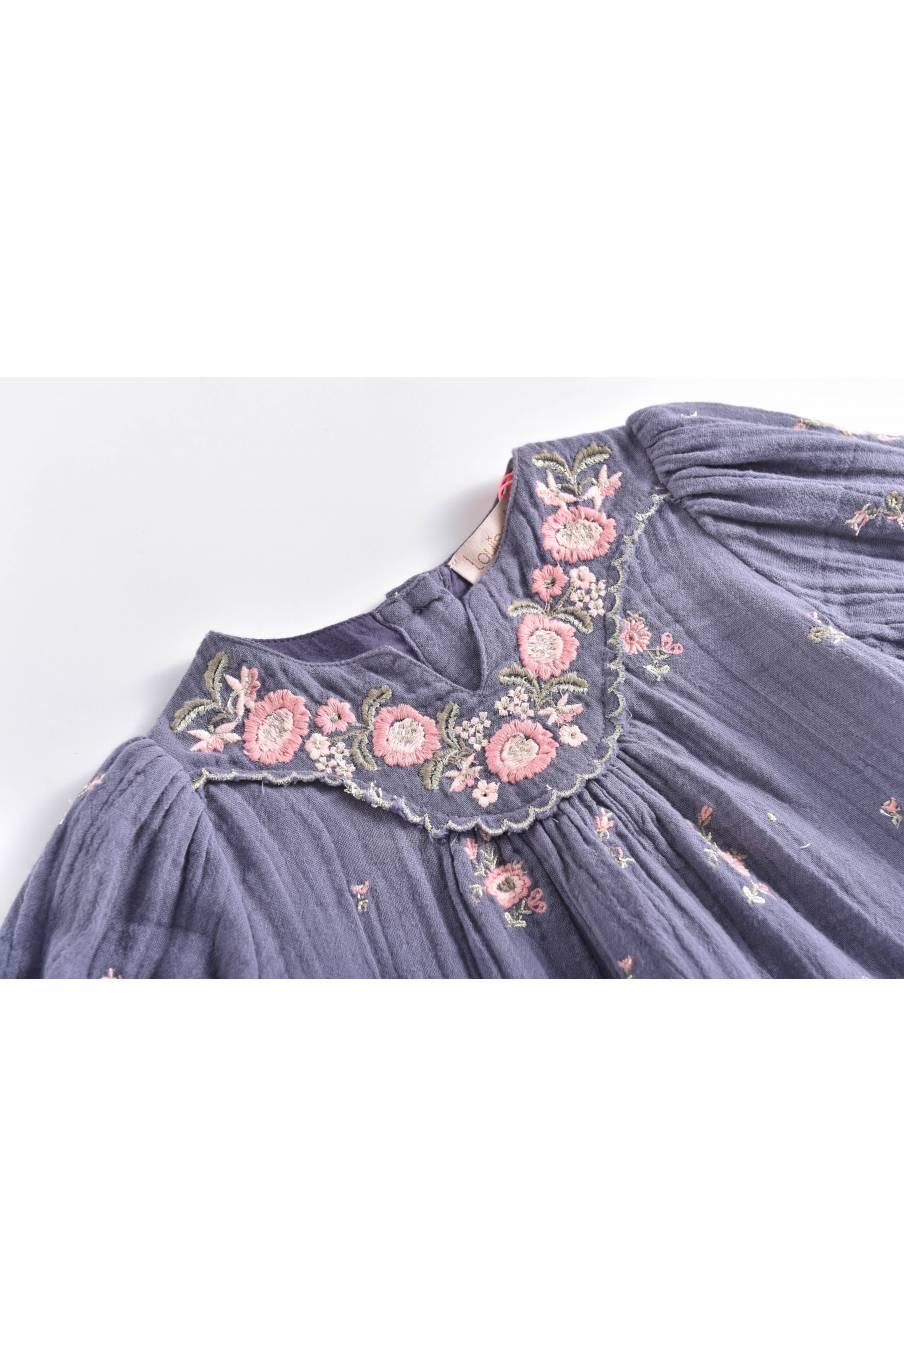 boheme chic vintage robe bébé fille ines storm flowers